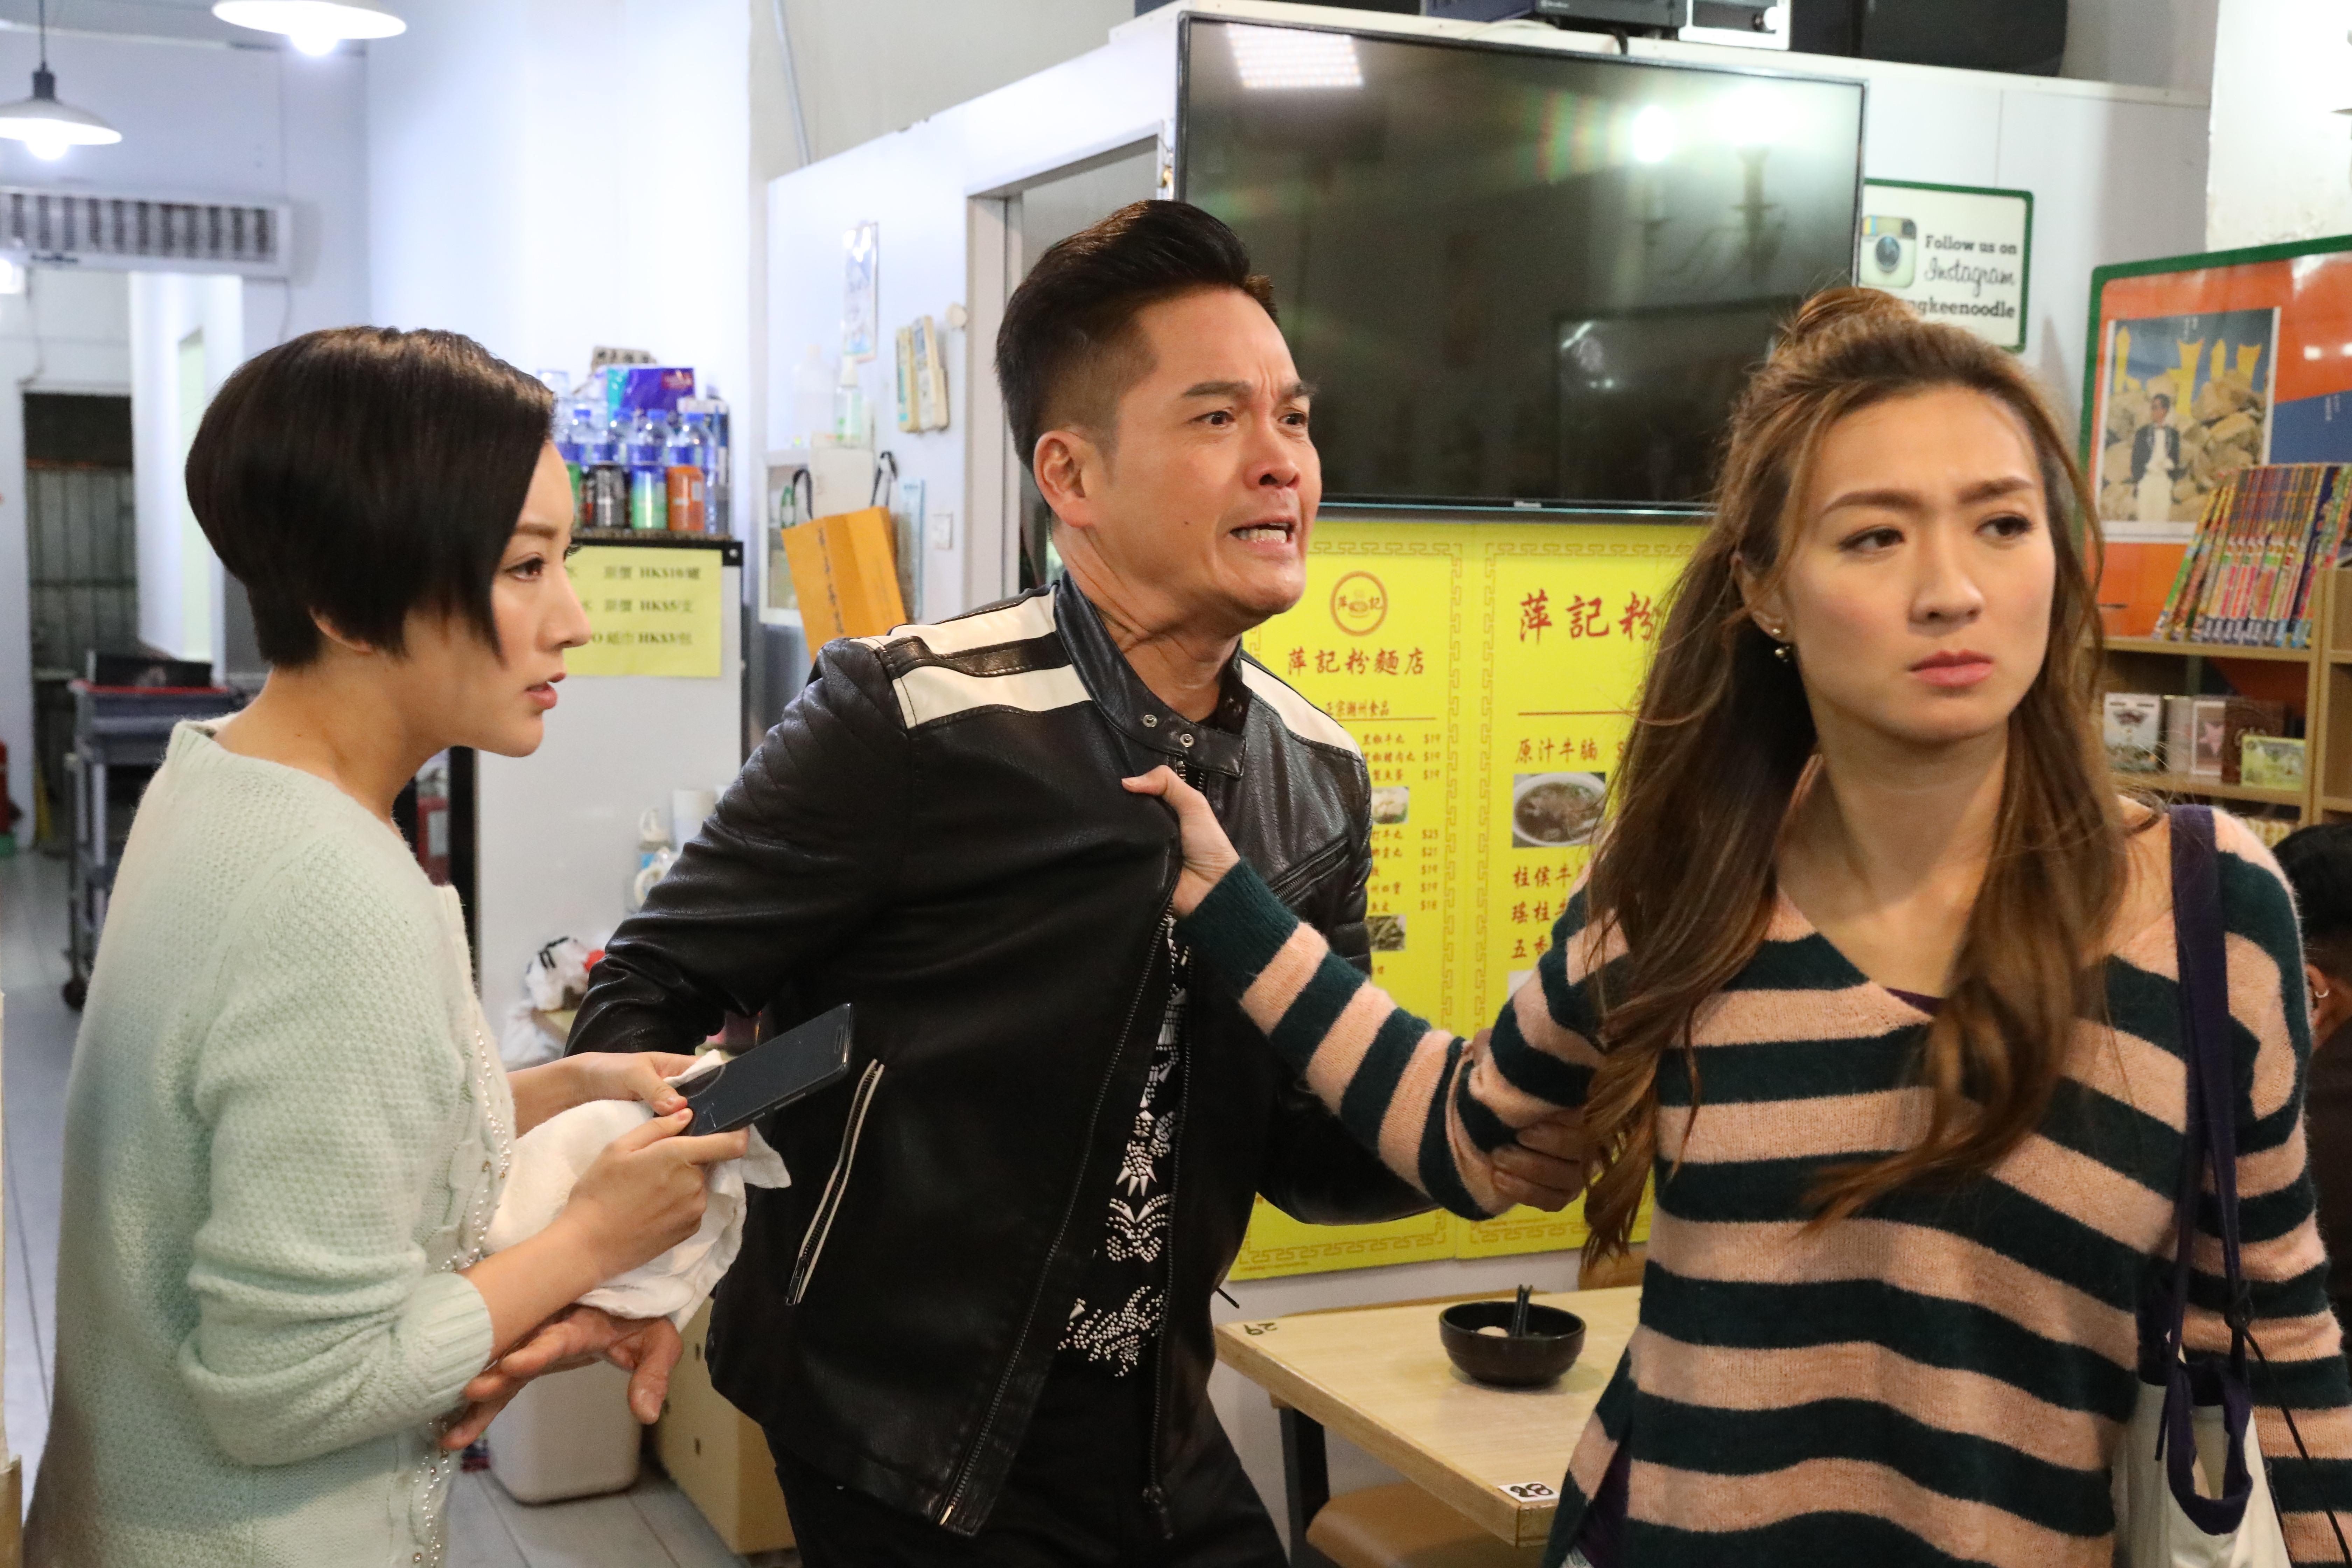 姚嘉妮於劇中熱褲加拖鞋打扮,飾演「地獄陪月員」被不少網民大讚索爆。